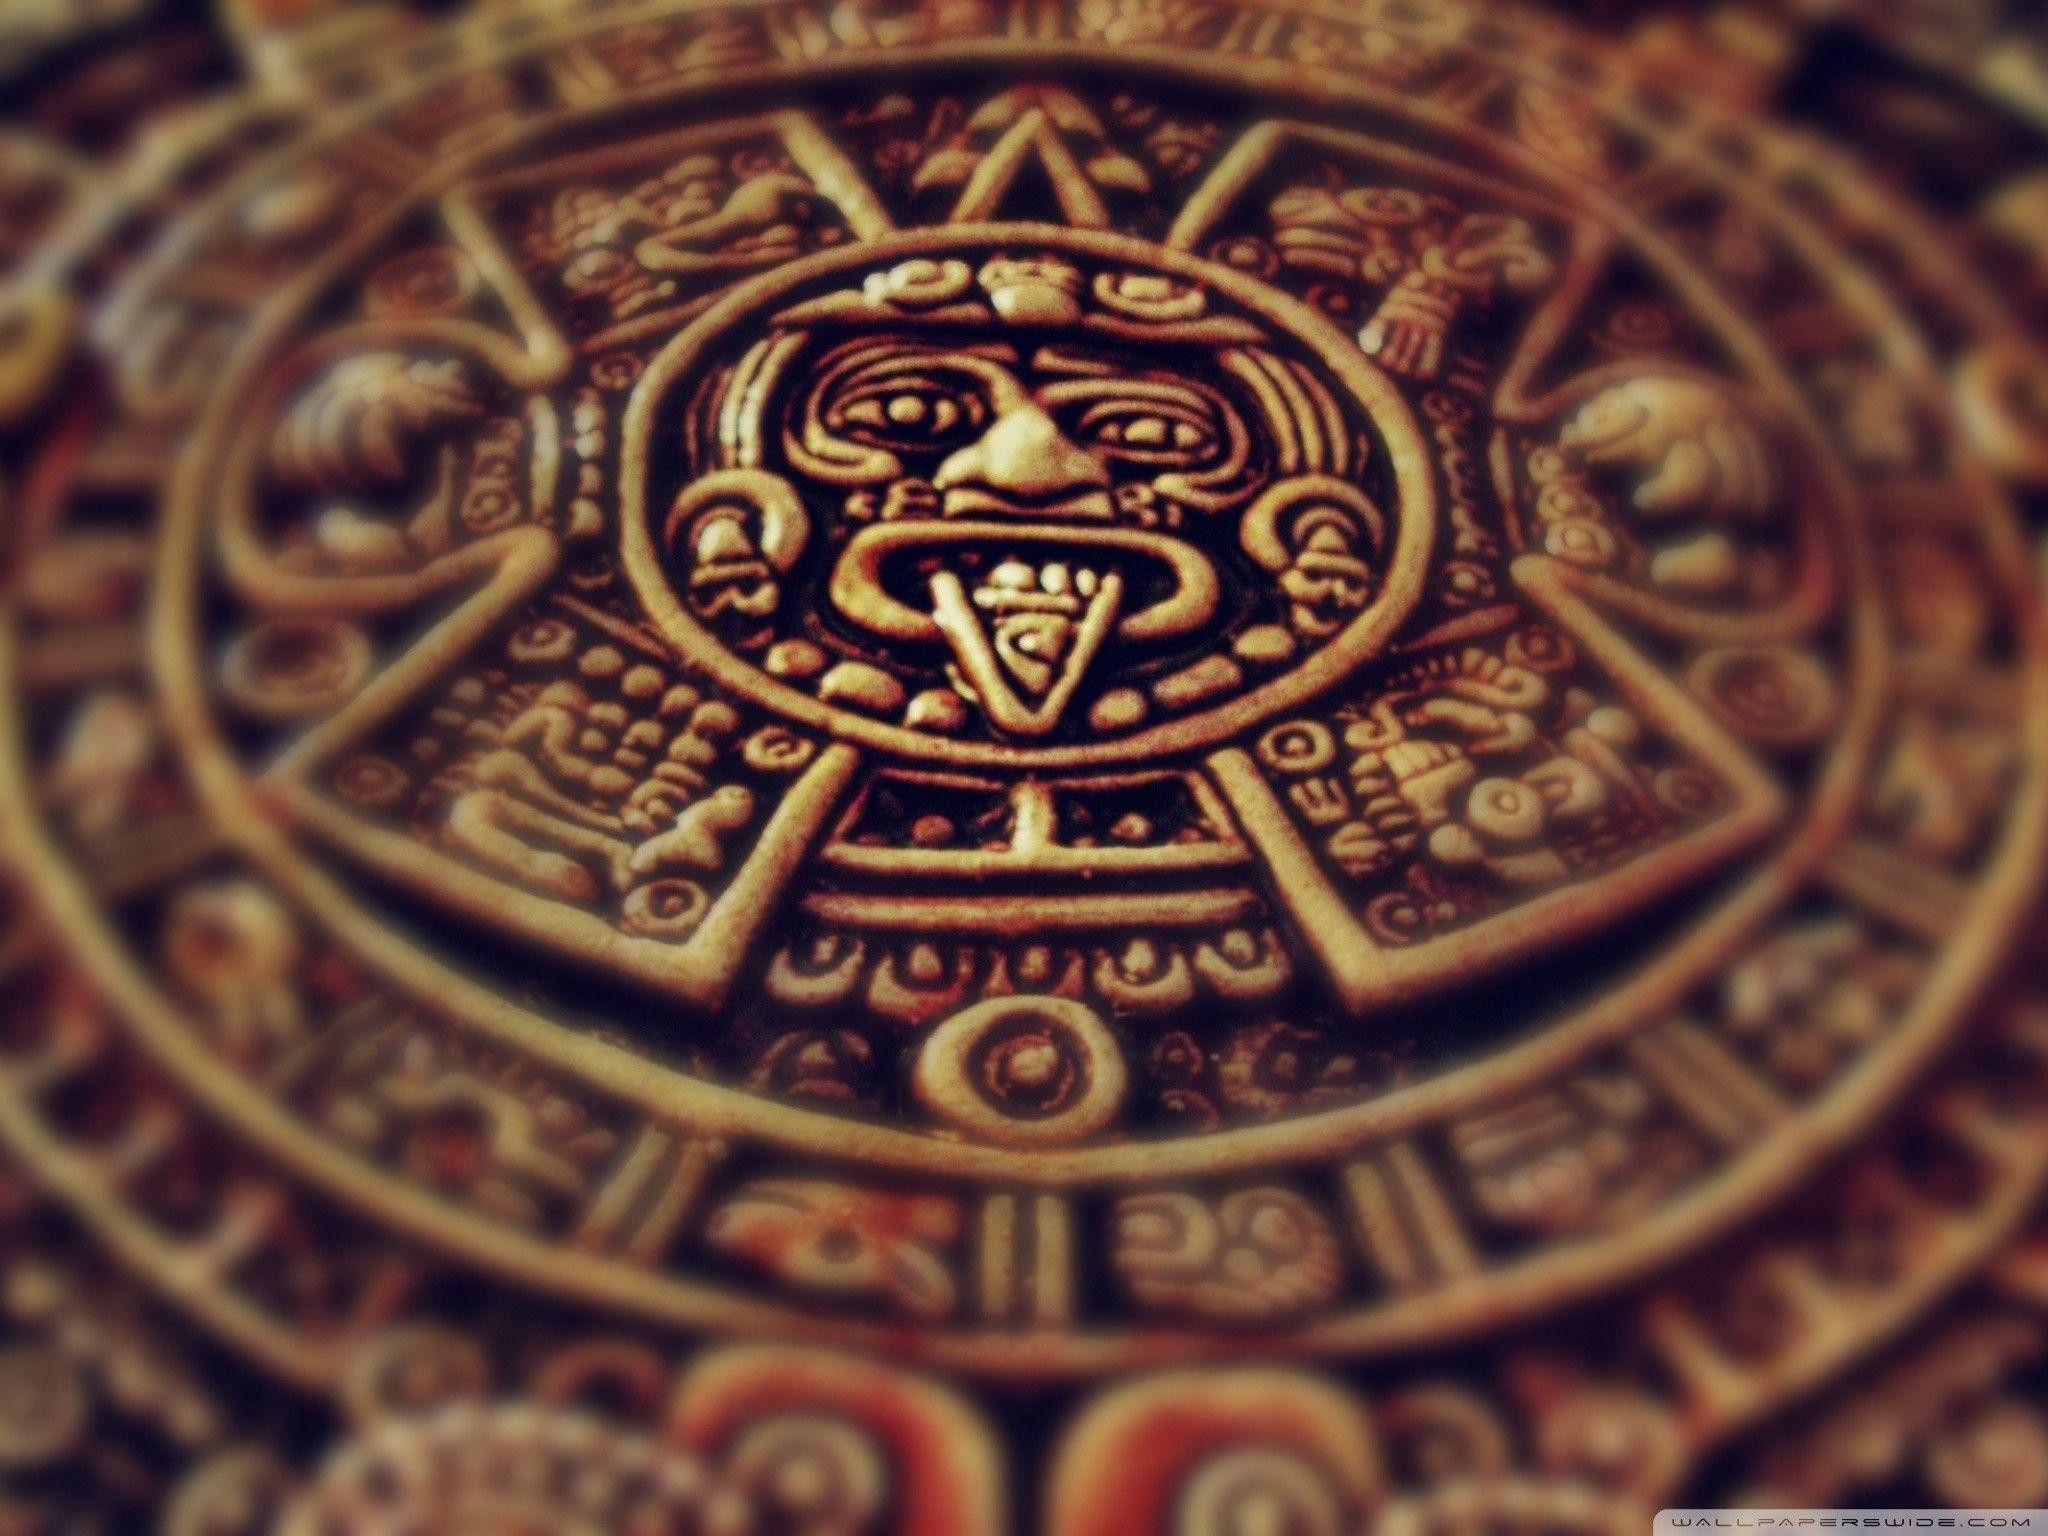 Aztec Art Wallpapers - Top Free Aztec